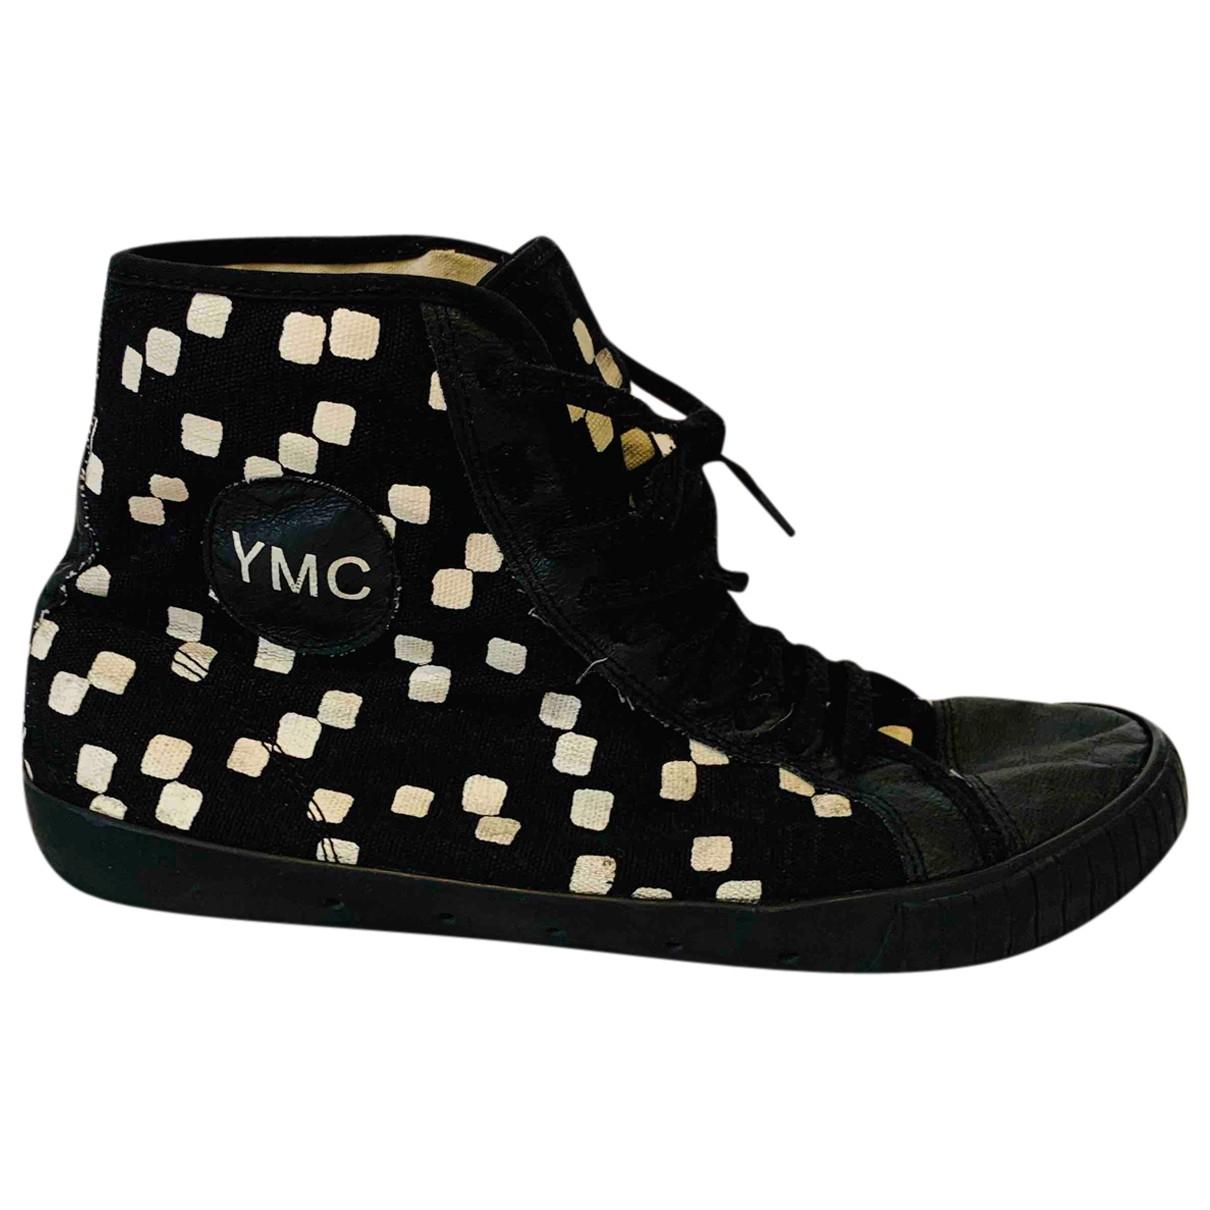 Ymc - Baskets   pour homme en toile - noir